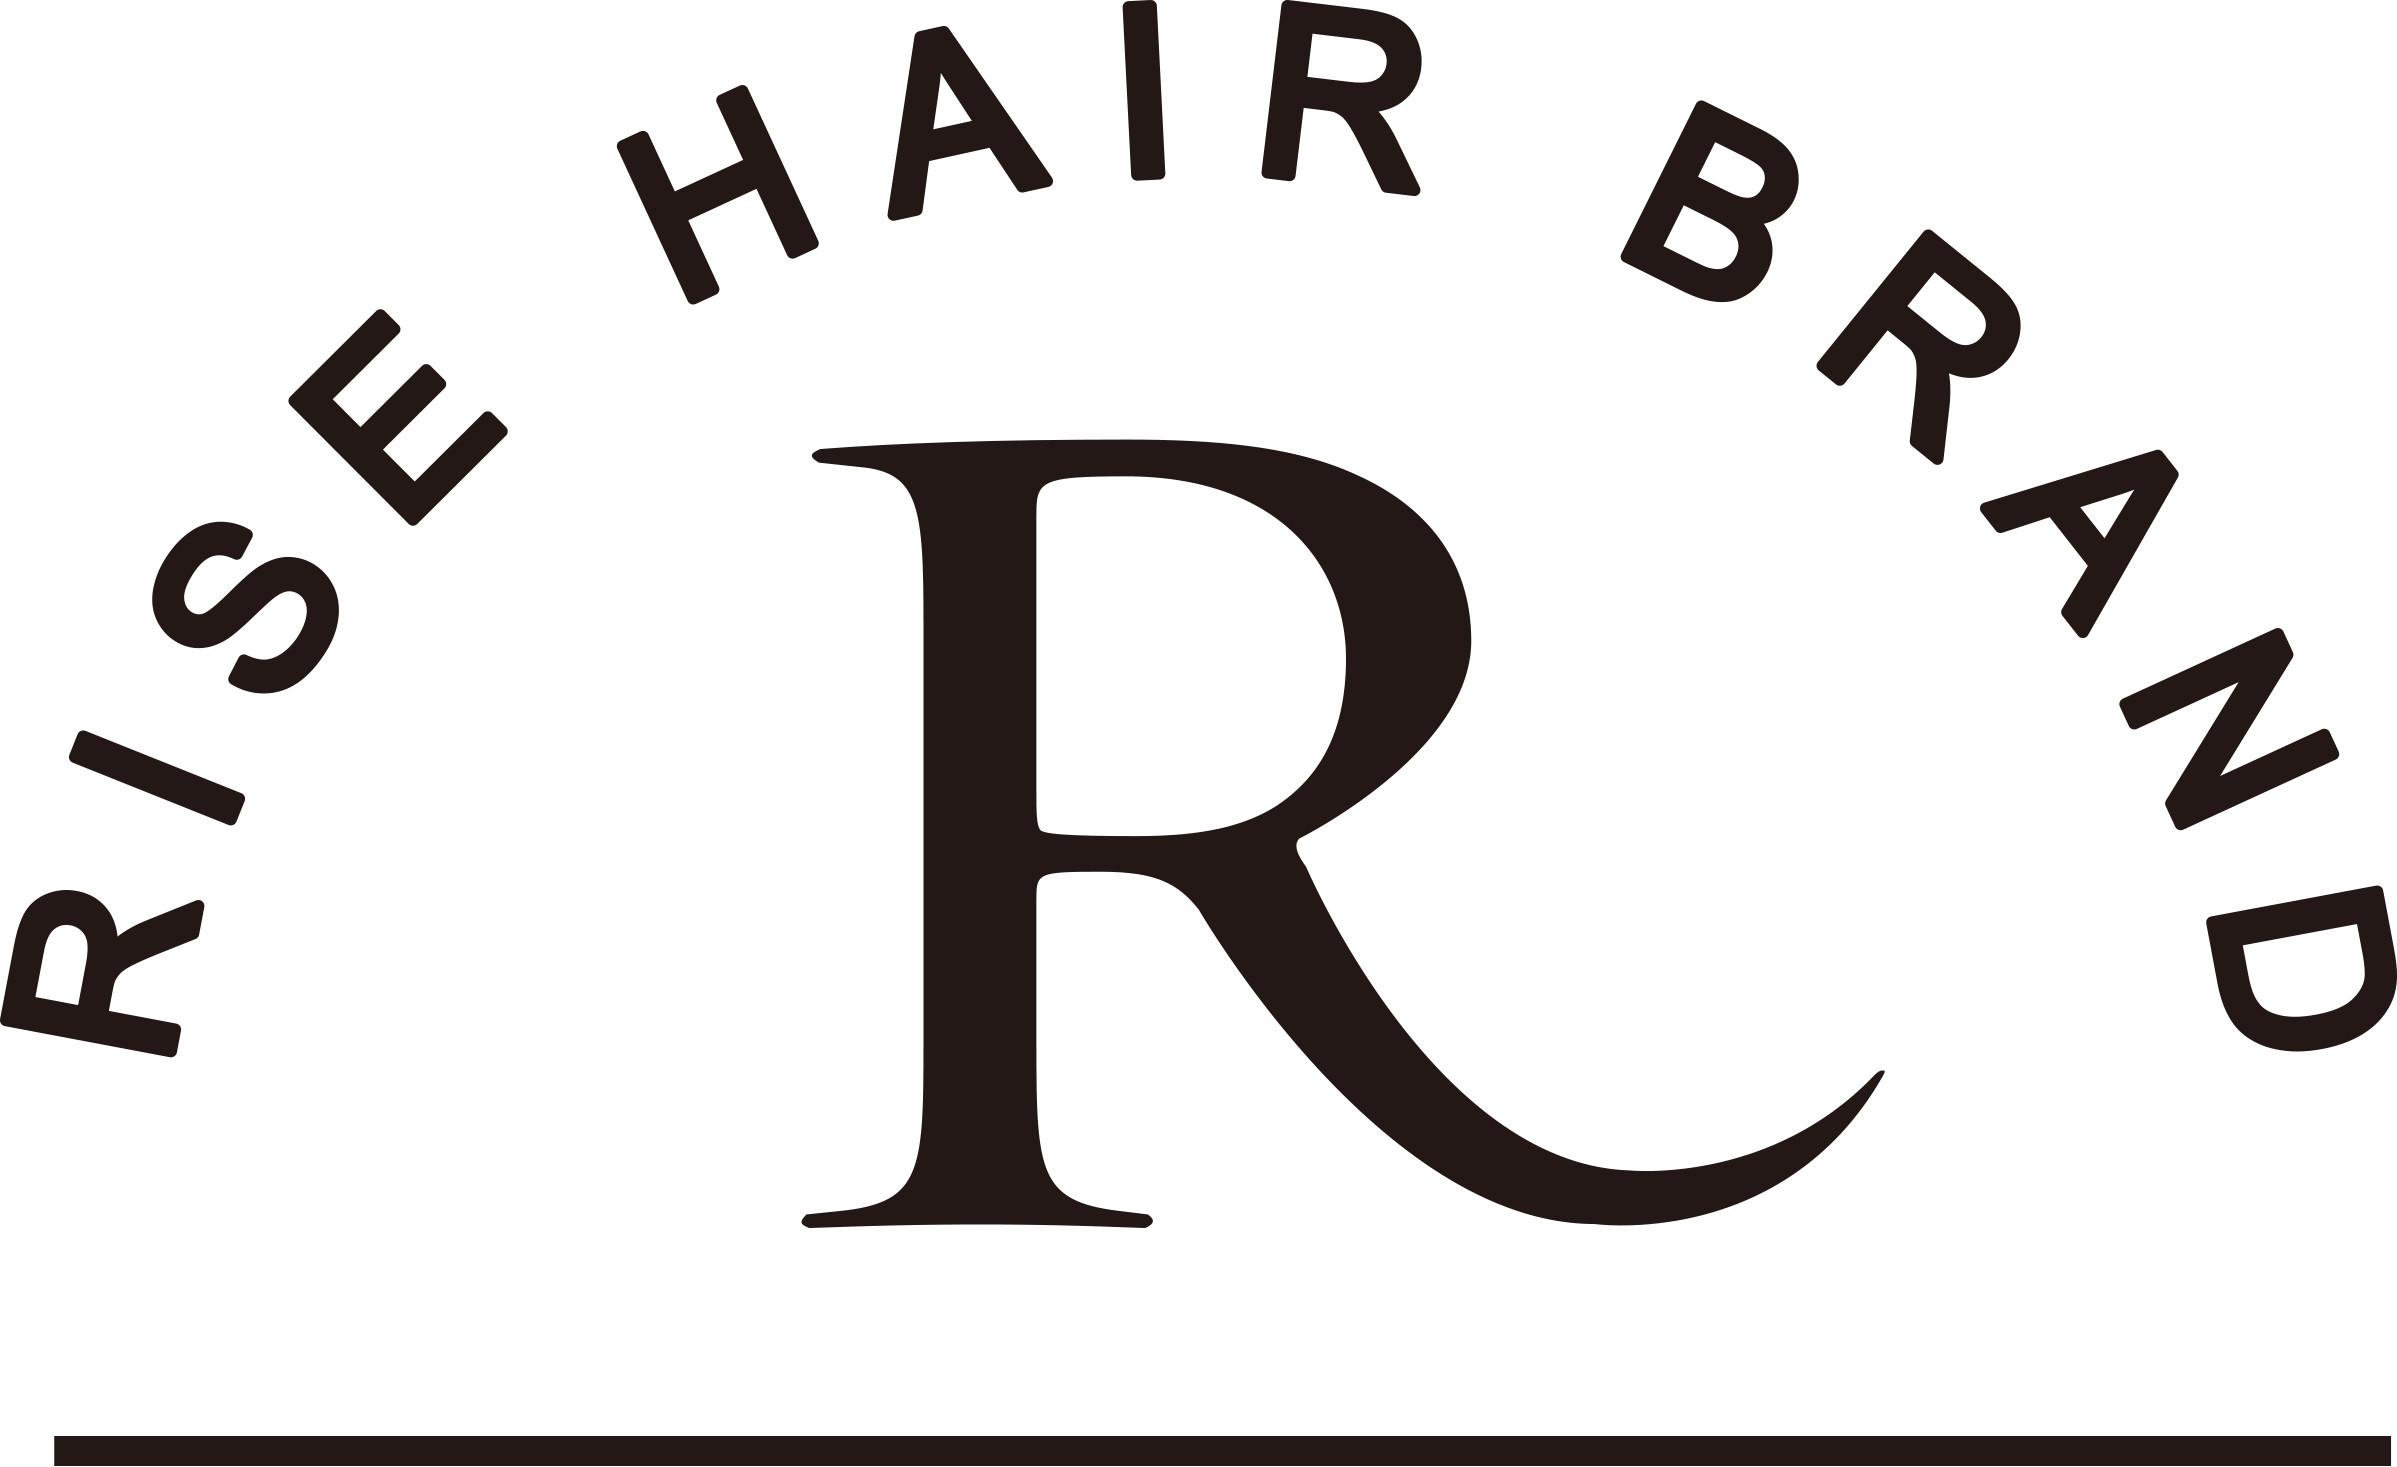 RISE HAIR BRAND / Lucia / Leia 求人・募集情報・会社概要